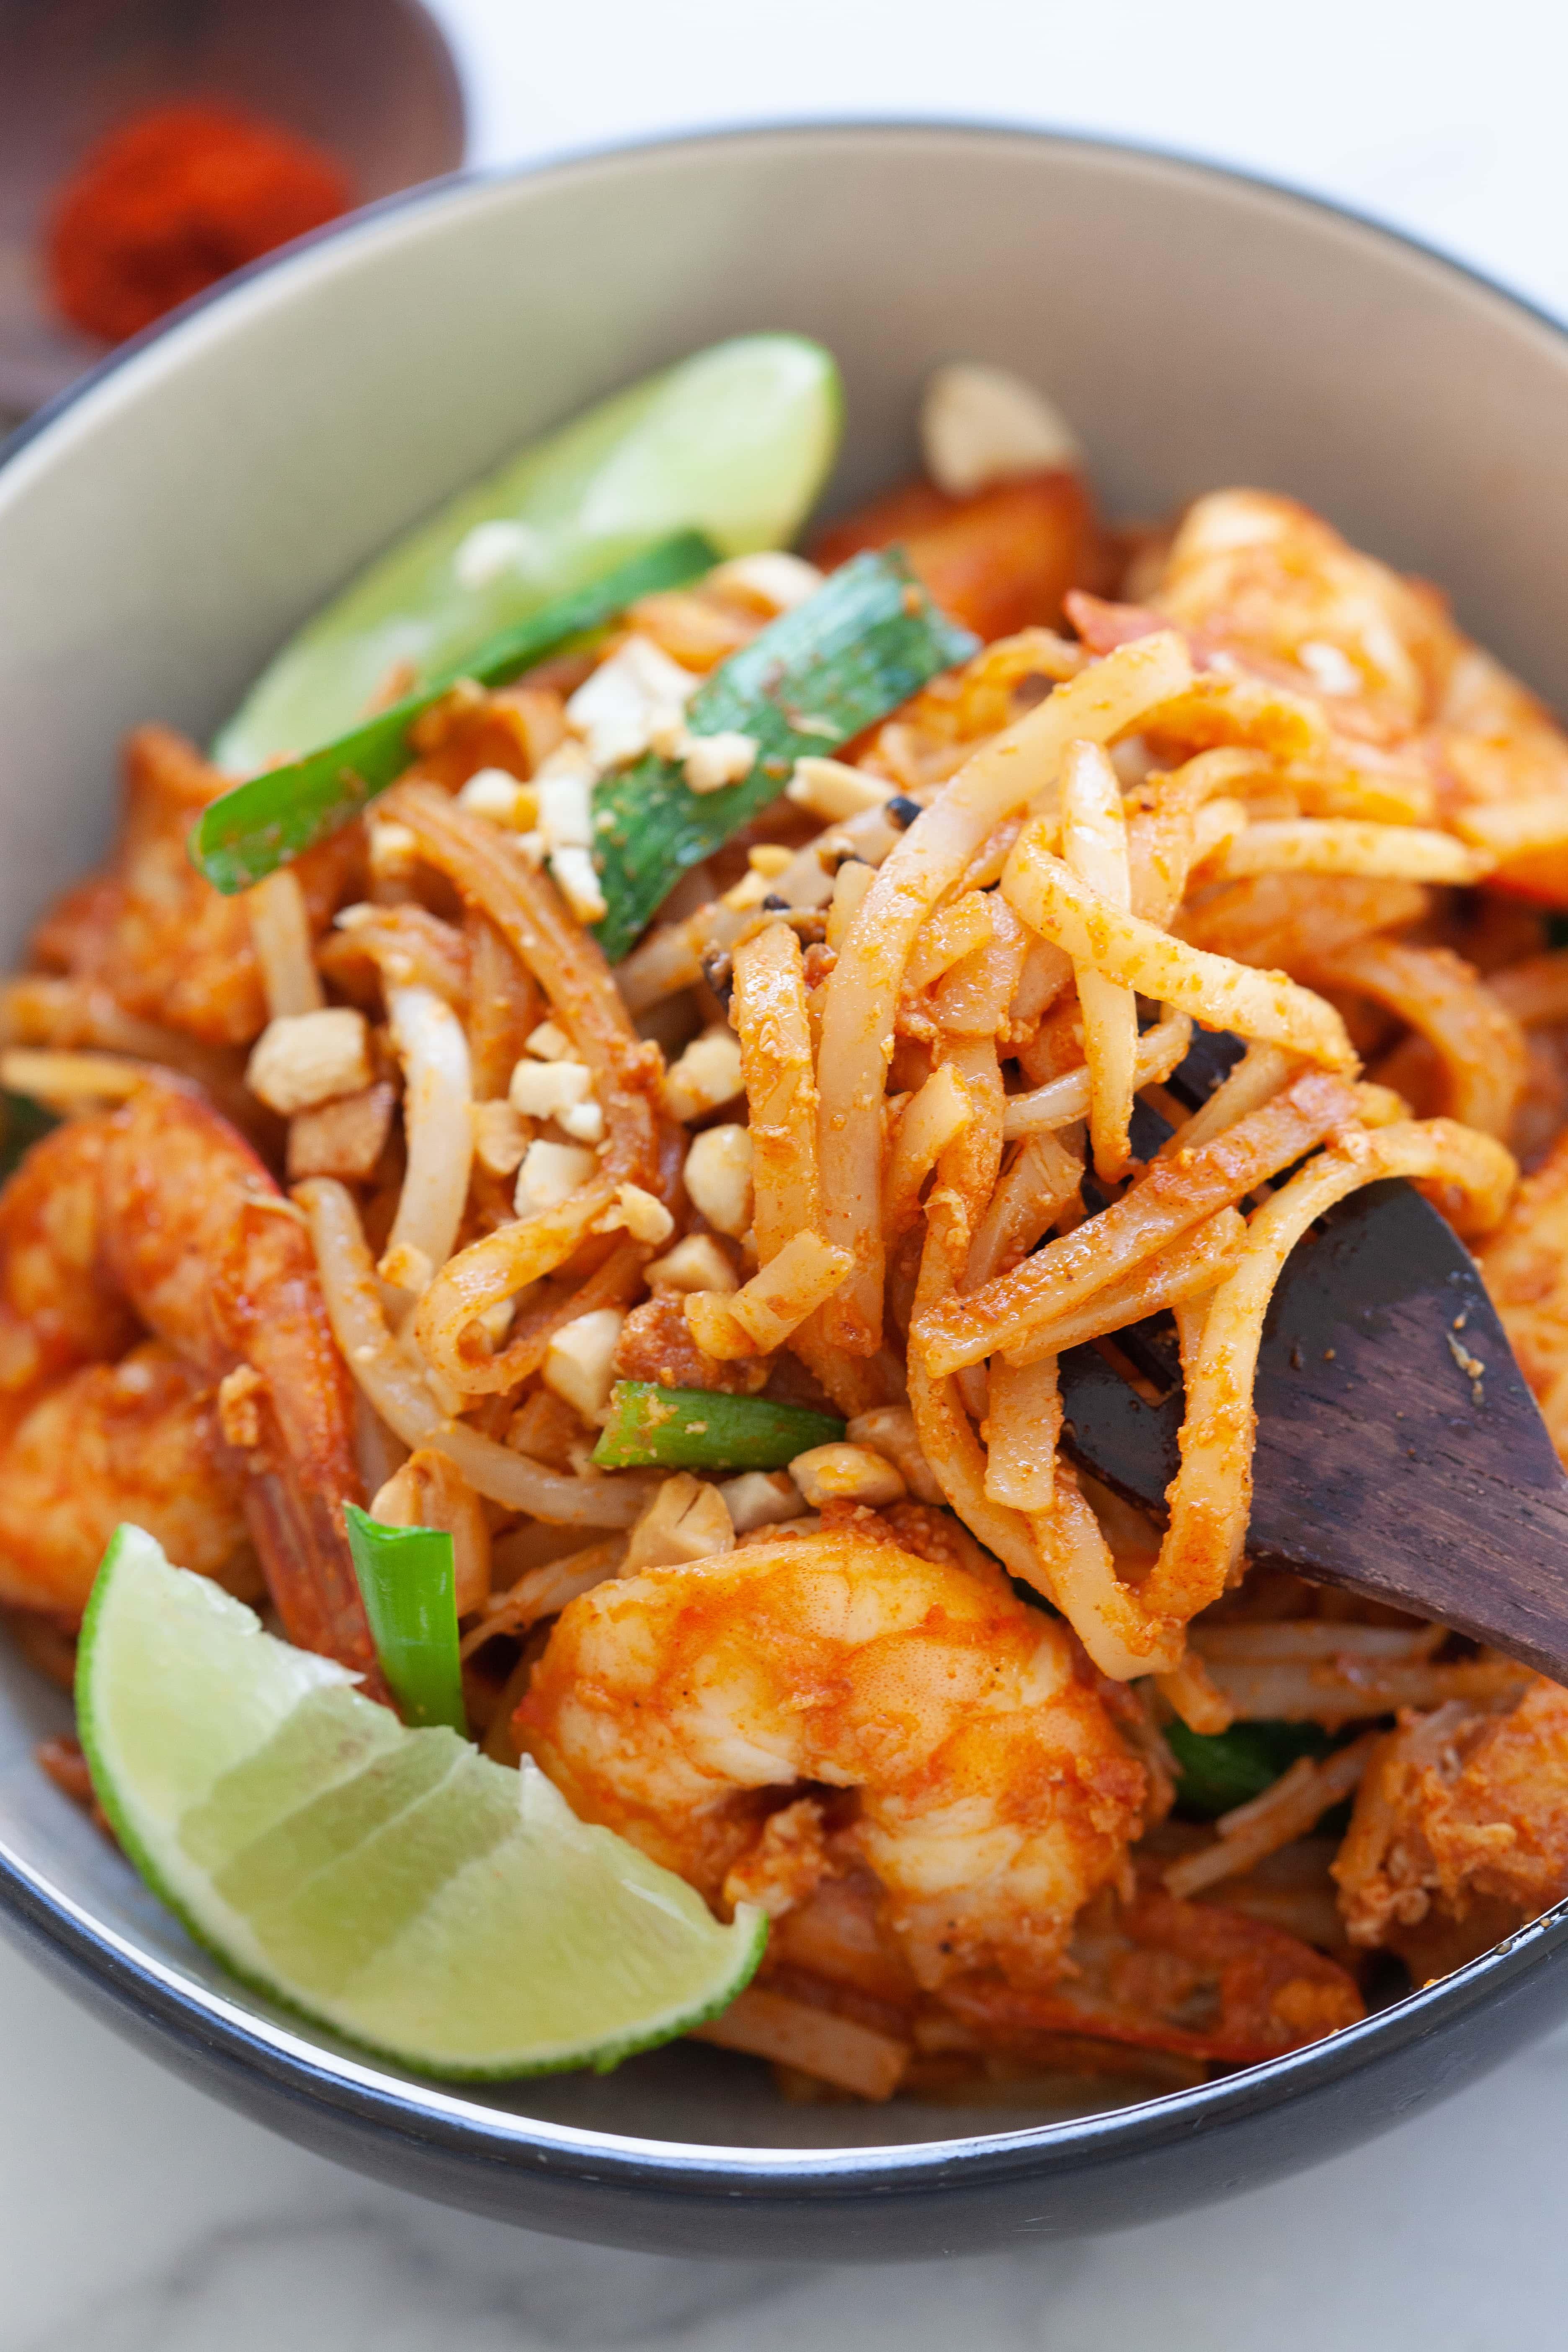 Recette de pad thaï avec bâtonnets de riz, crevettes et tofu.